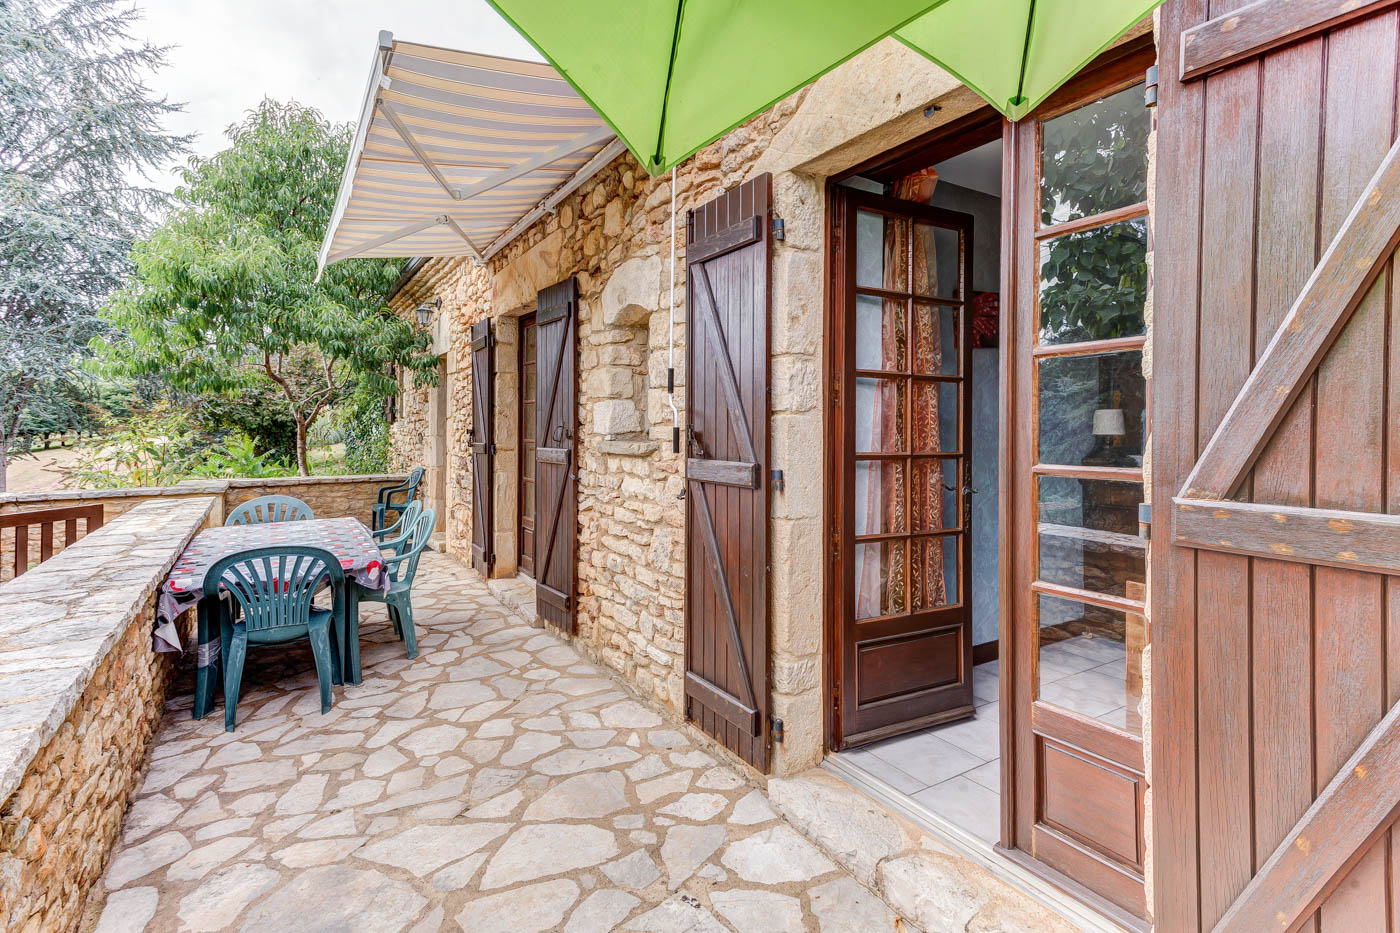 Maison-de-Vacances-Le-Cataplas-6